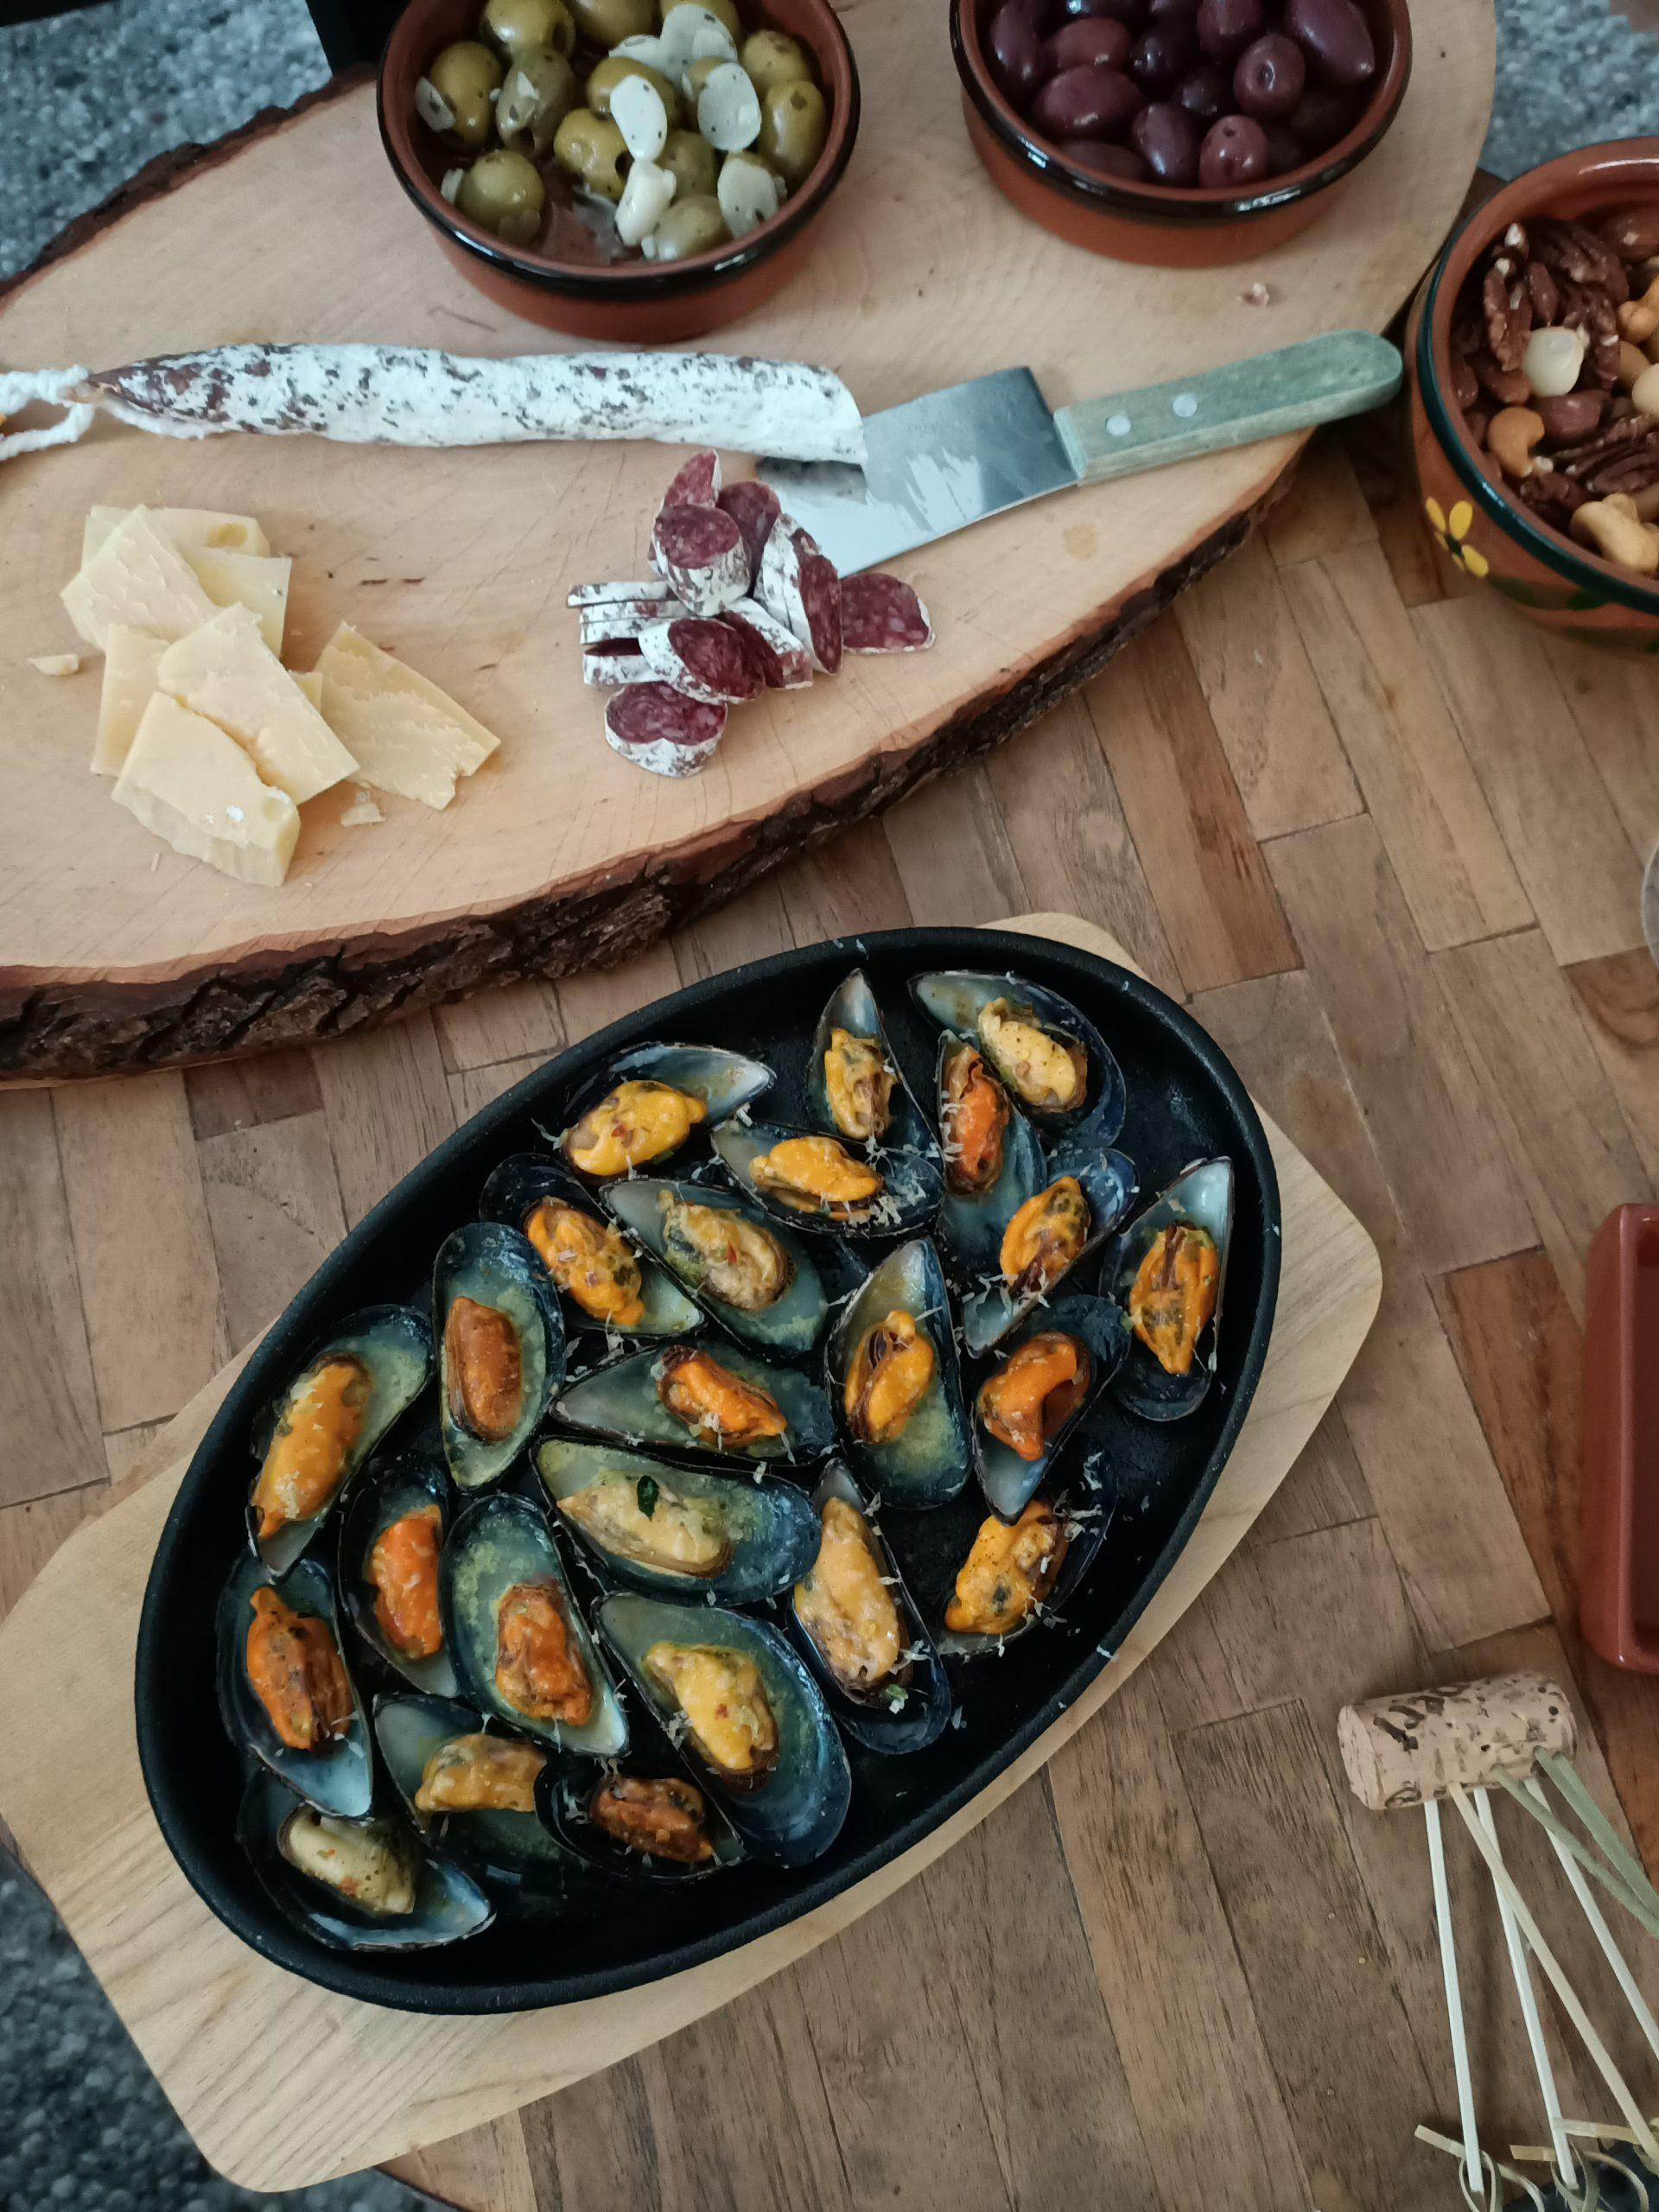 Recept voor gegratineerde mosselen (handig als je nog mosselen over hebt) een heerlijk hapje bij de borrel